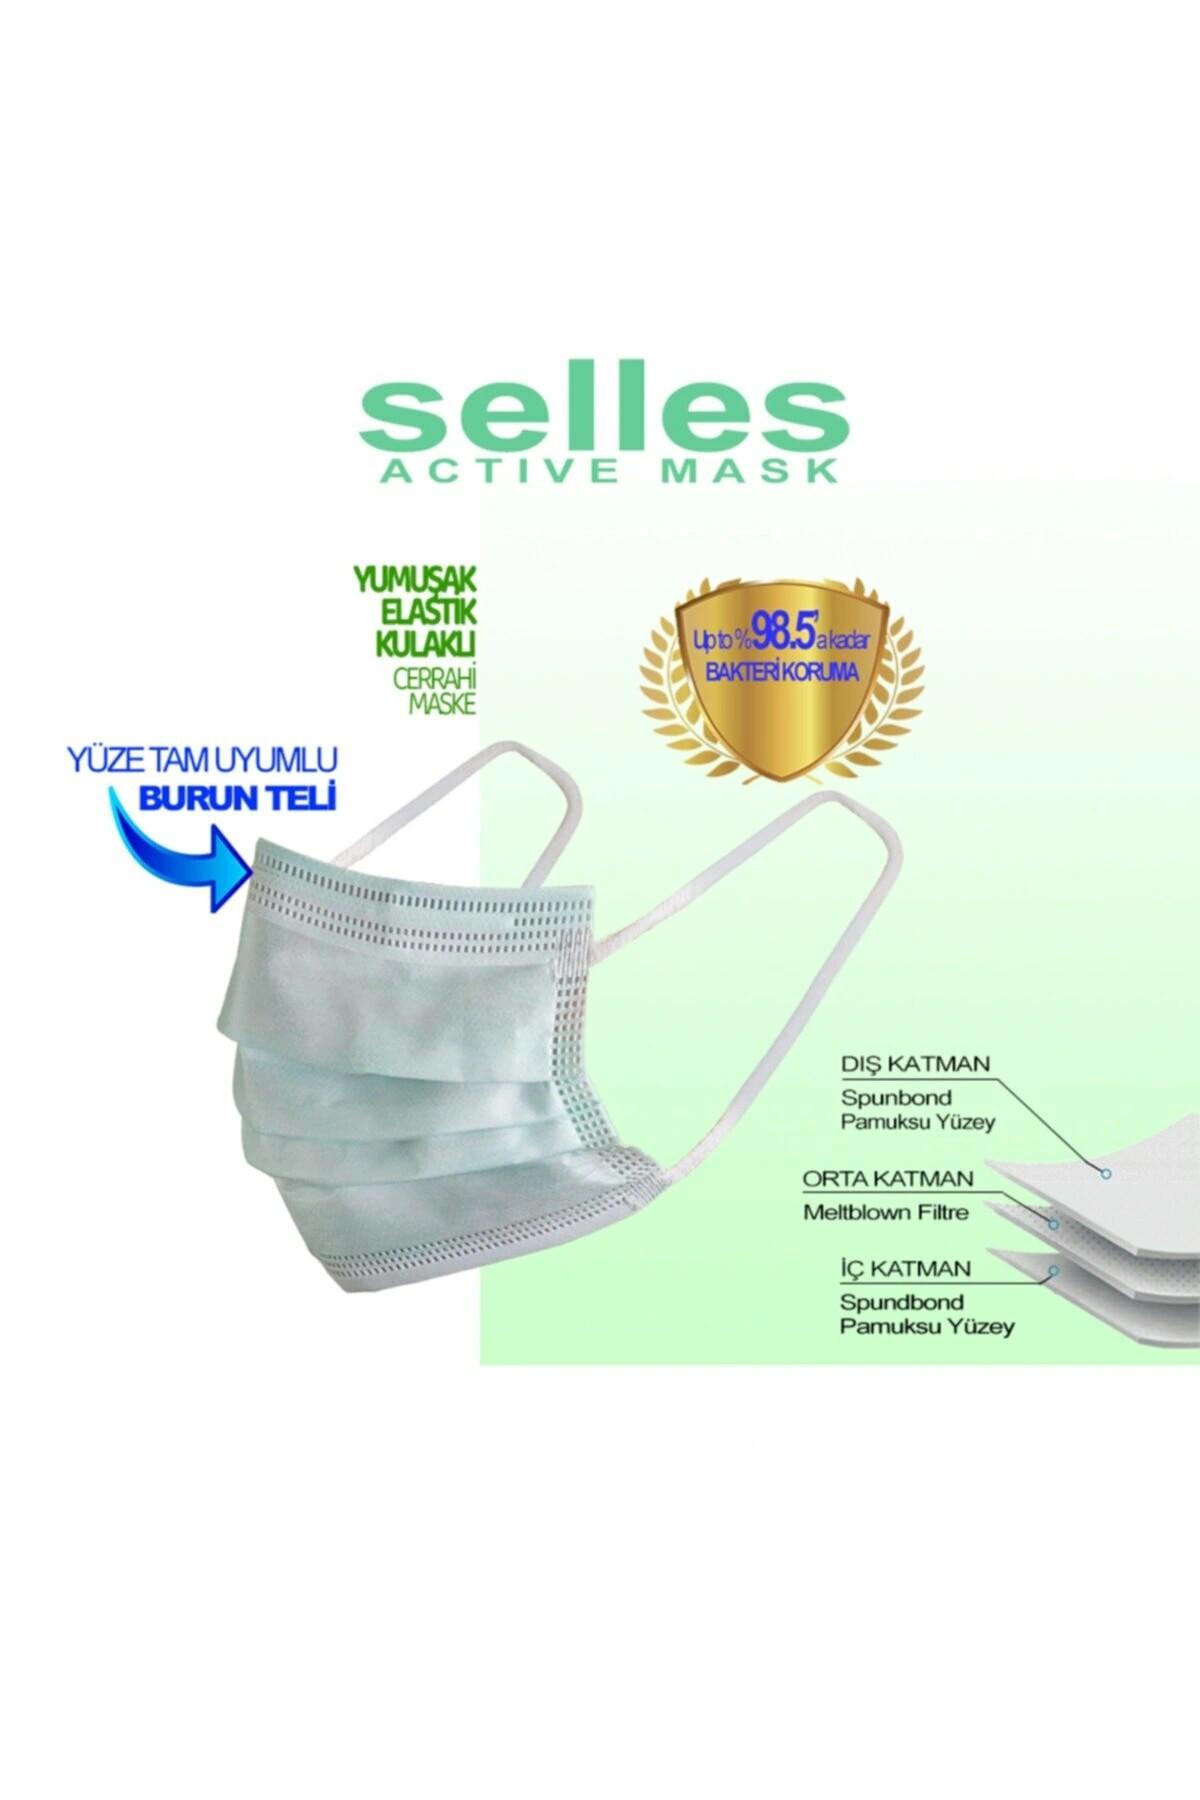 Melt.filtre Elastik Kulaklı 3 Katlı 250 Adet Cerrahi Yetişkin Maskesi